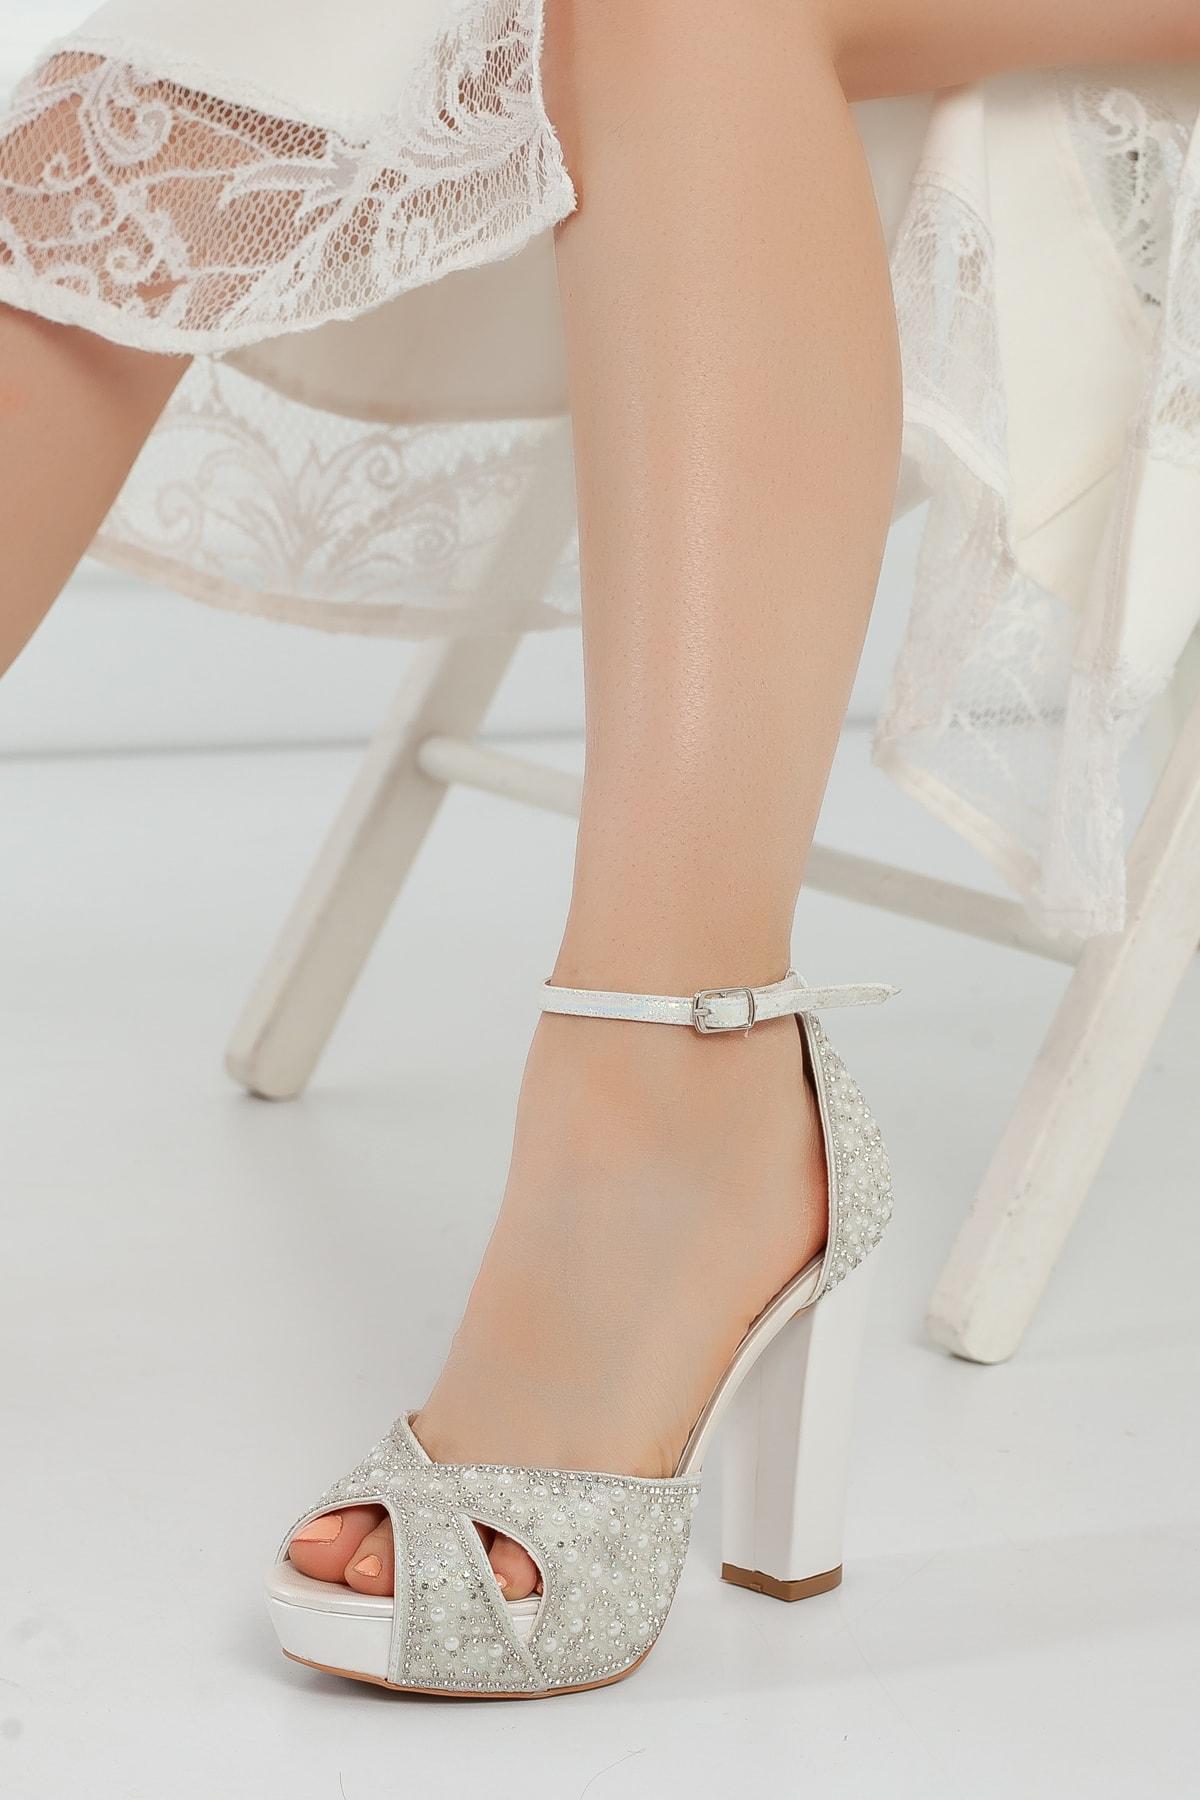 Çnr&Dvs Sedef Inci Taş Kadın Abiye Ayakkabı 2011cnr